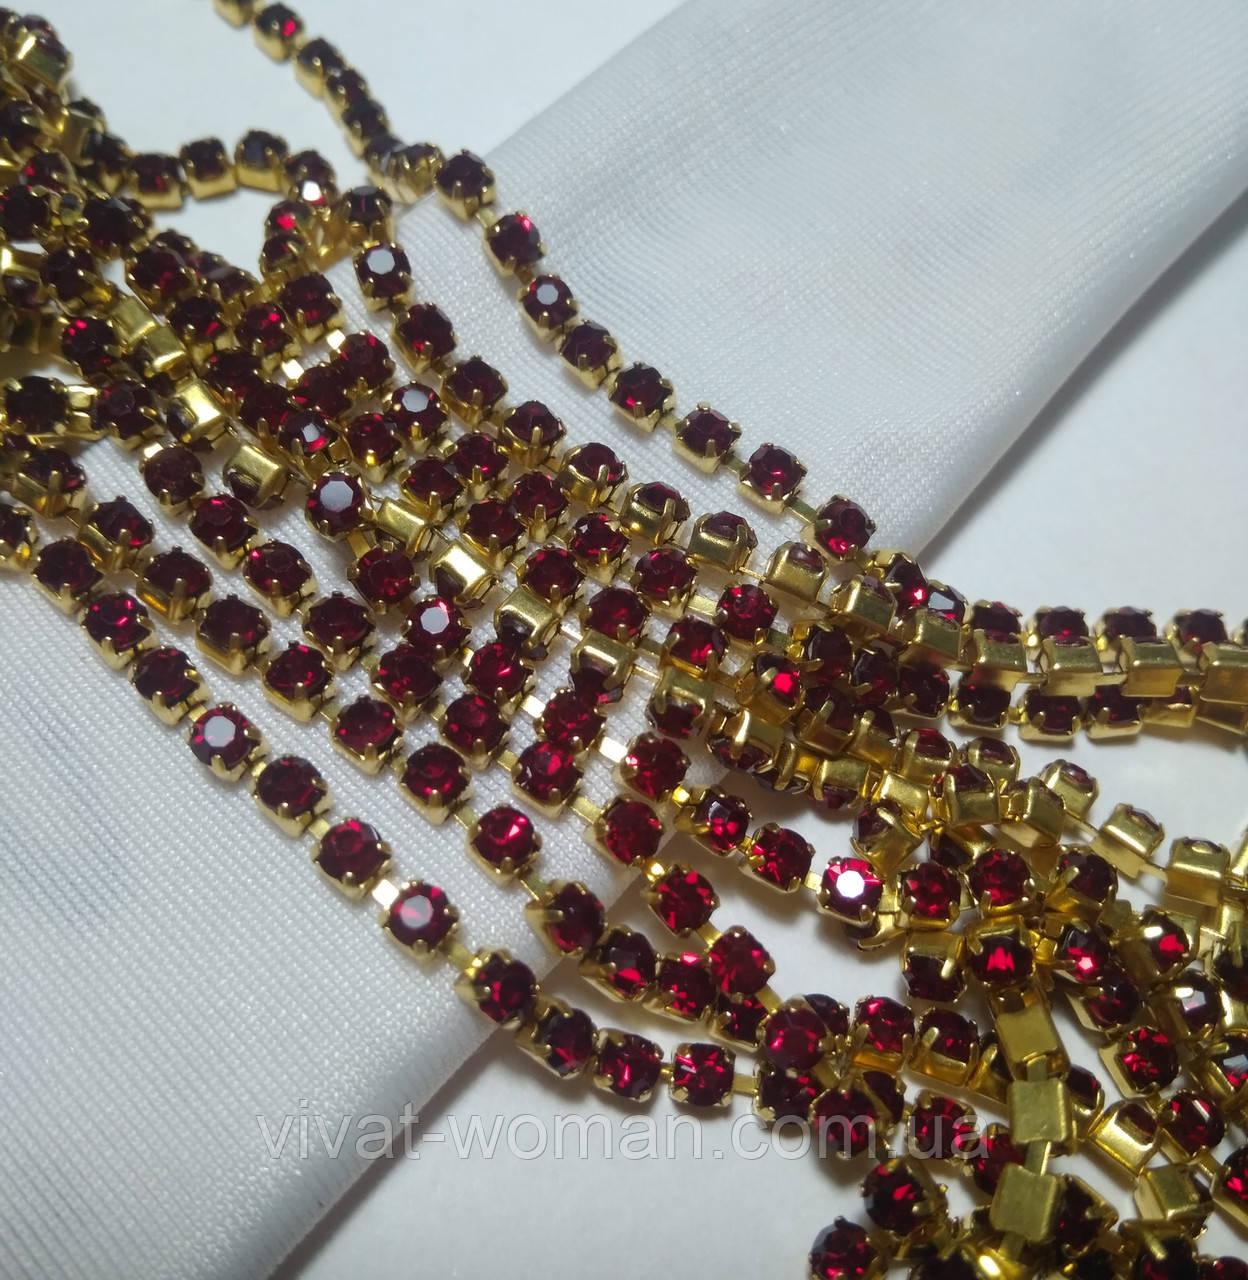 Стразовая цепь, gold, Dk. Siam SS12 (3 мм) 1 ряд. Цена за 0.5 м.